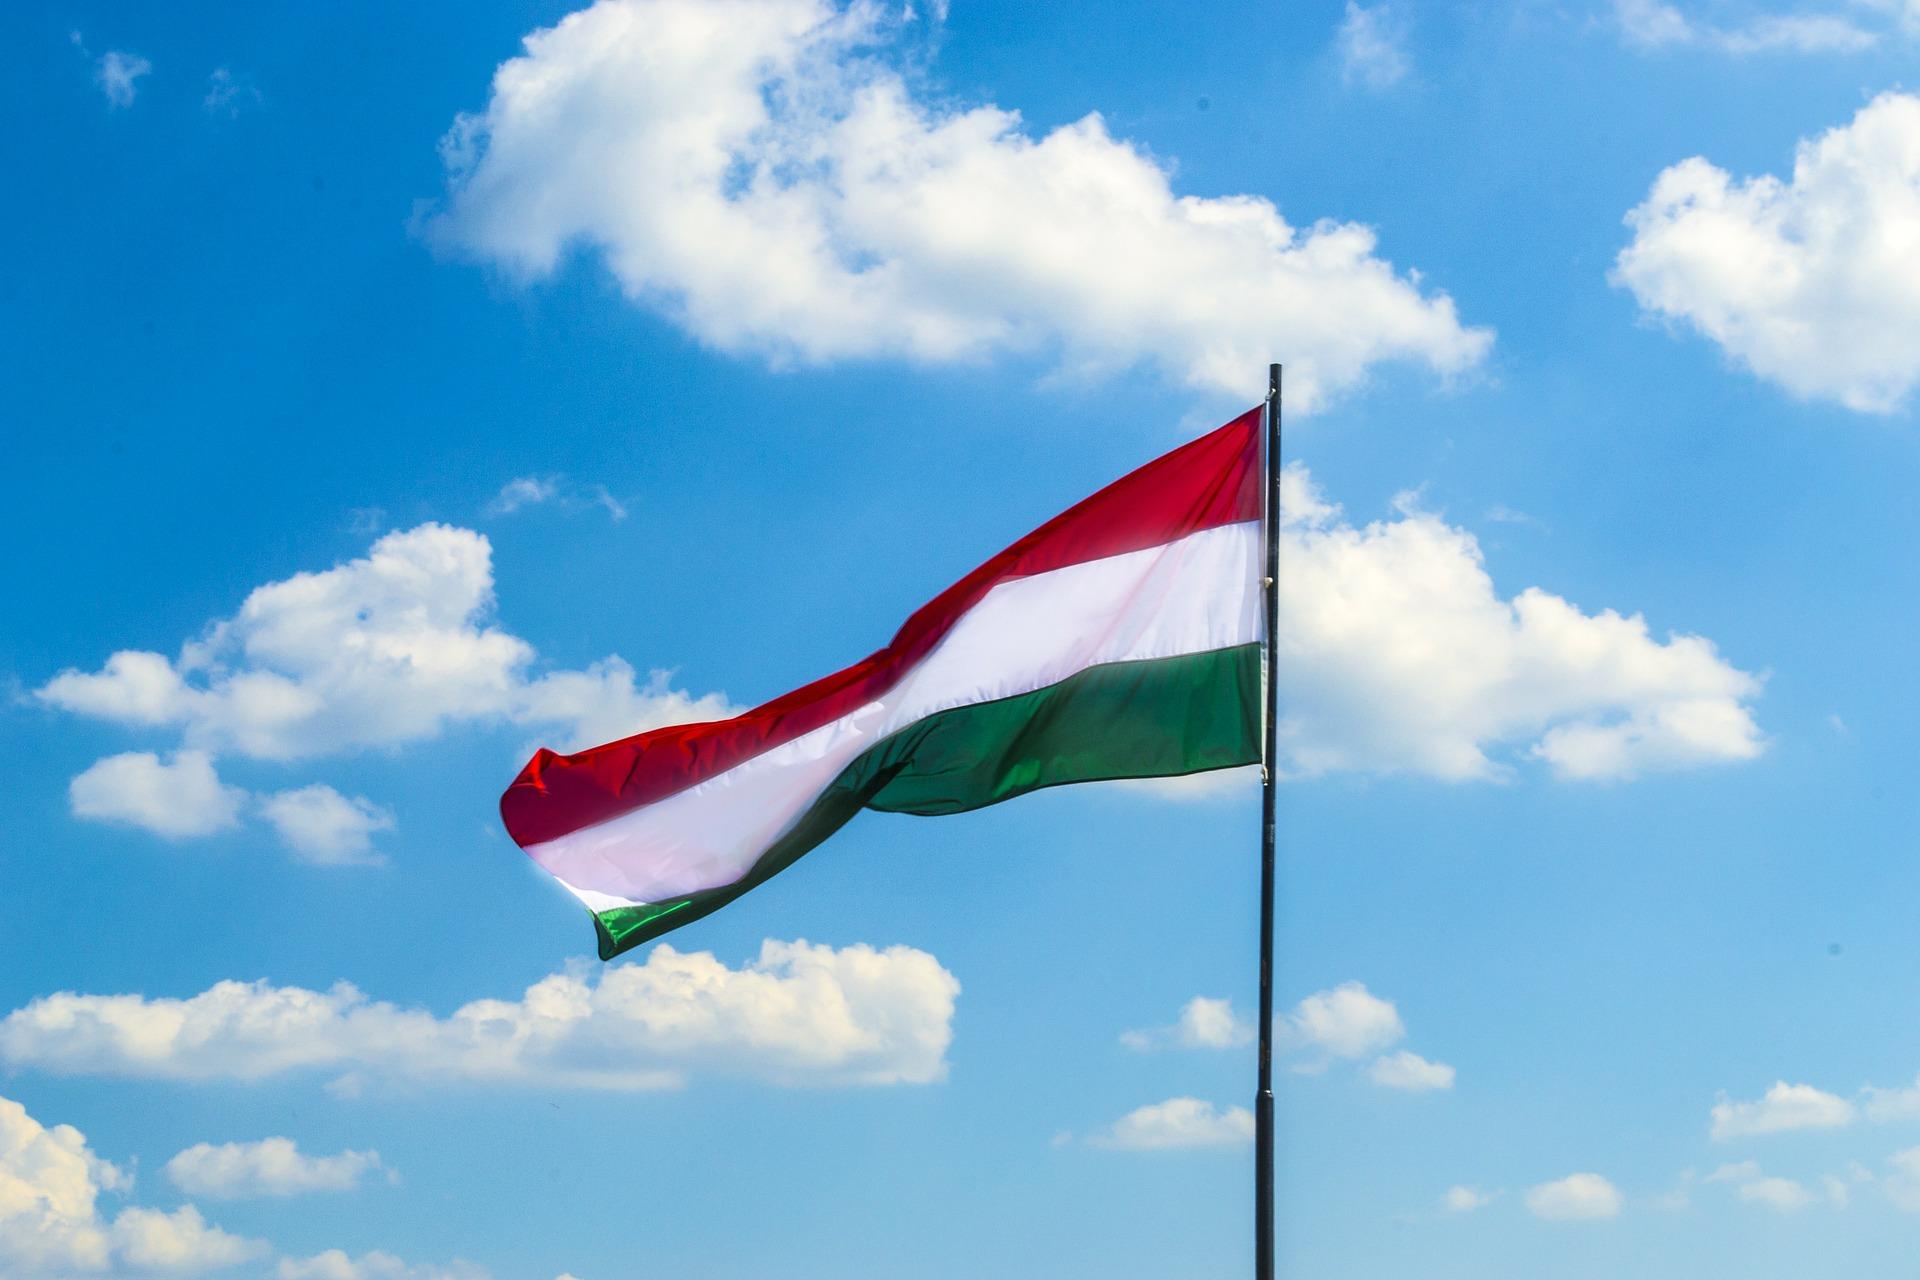 Napięcia na granicy węgierskiej. Rumuńscy przewoźnicy grożą blokadami